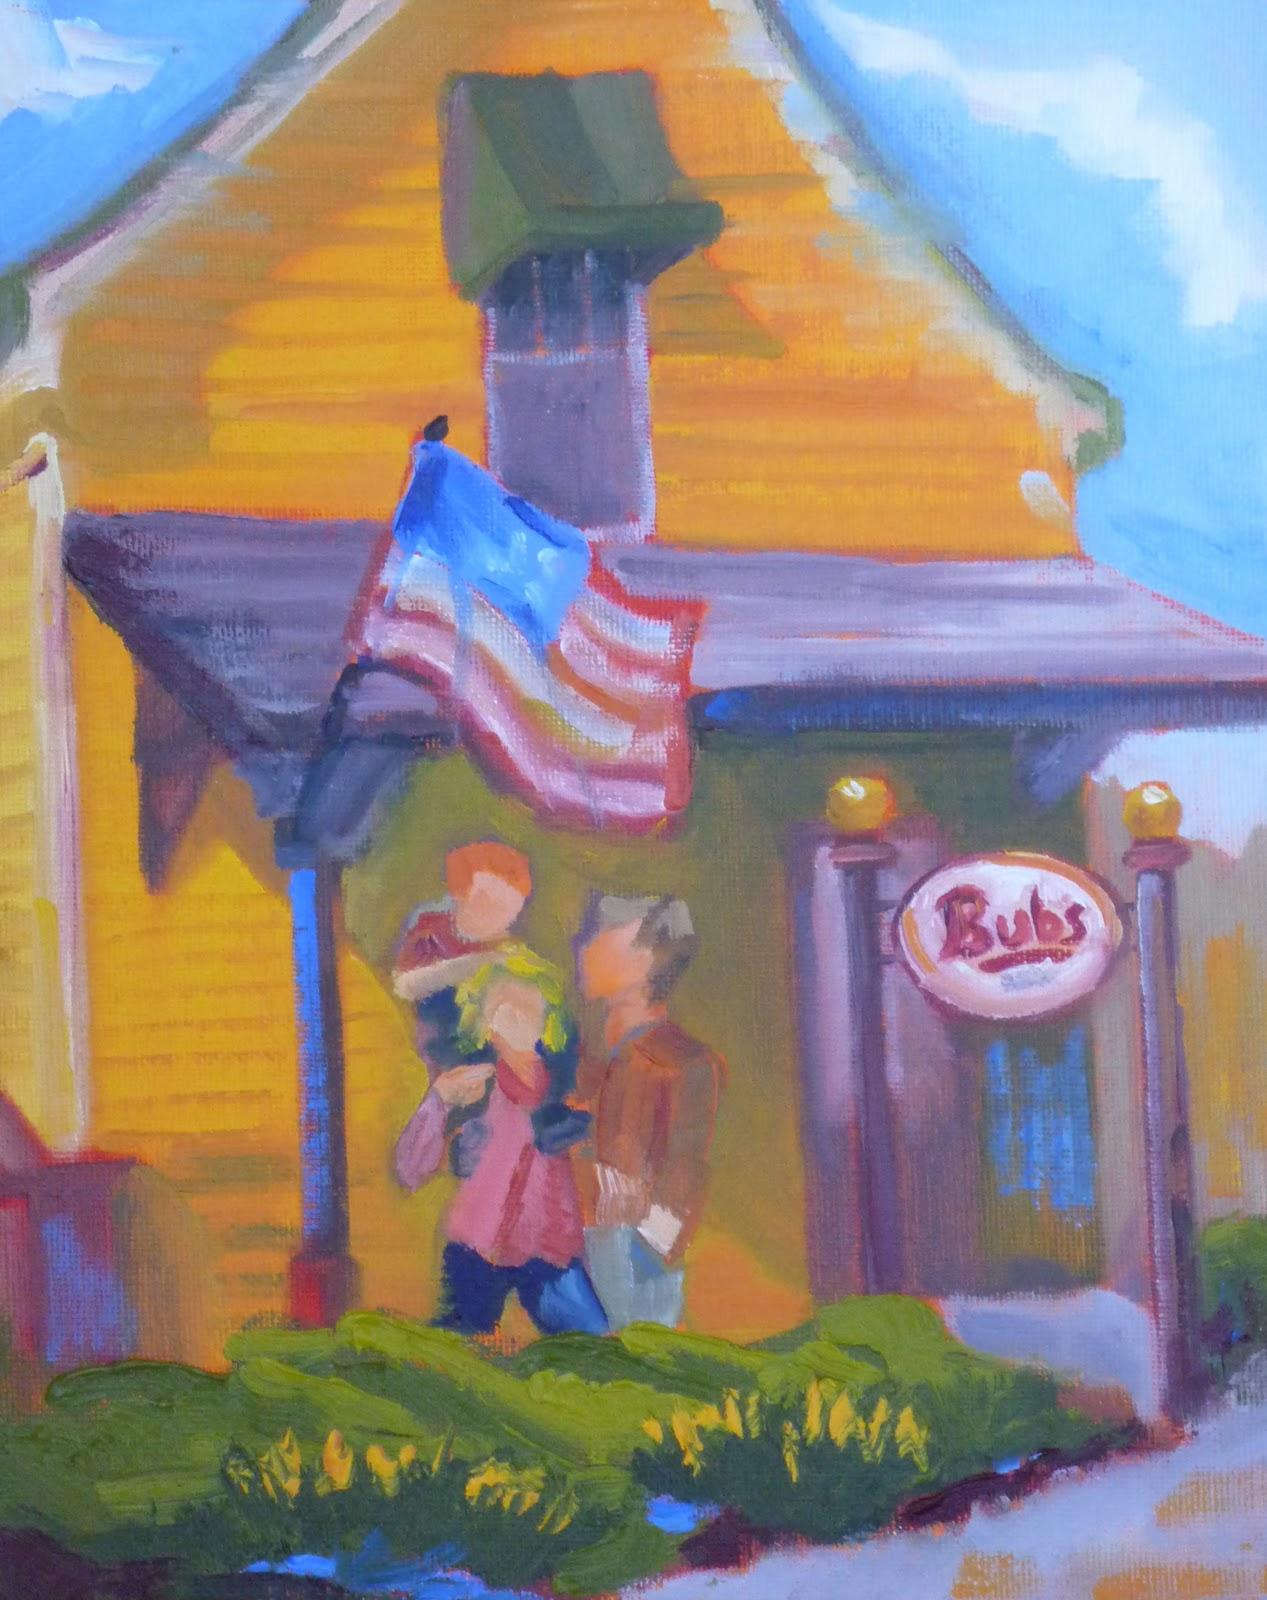 """""""Bub's Burgers"""" original fine art by Shawn Deitch"""